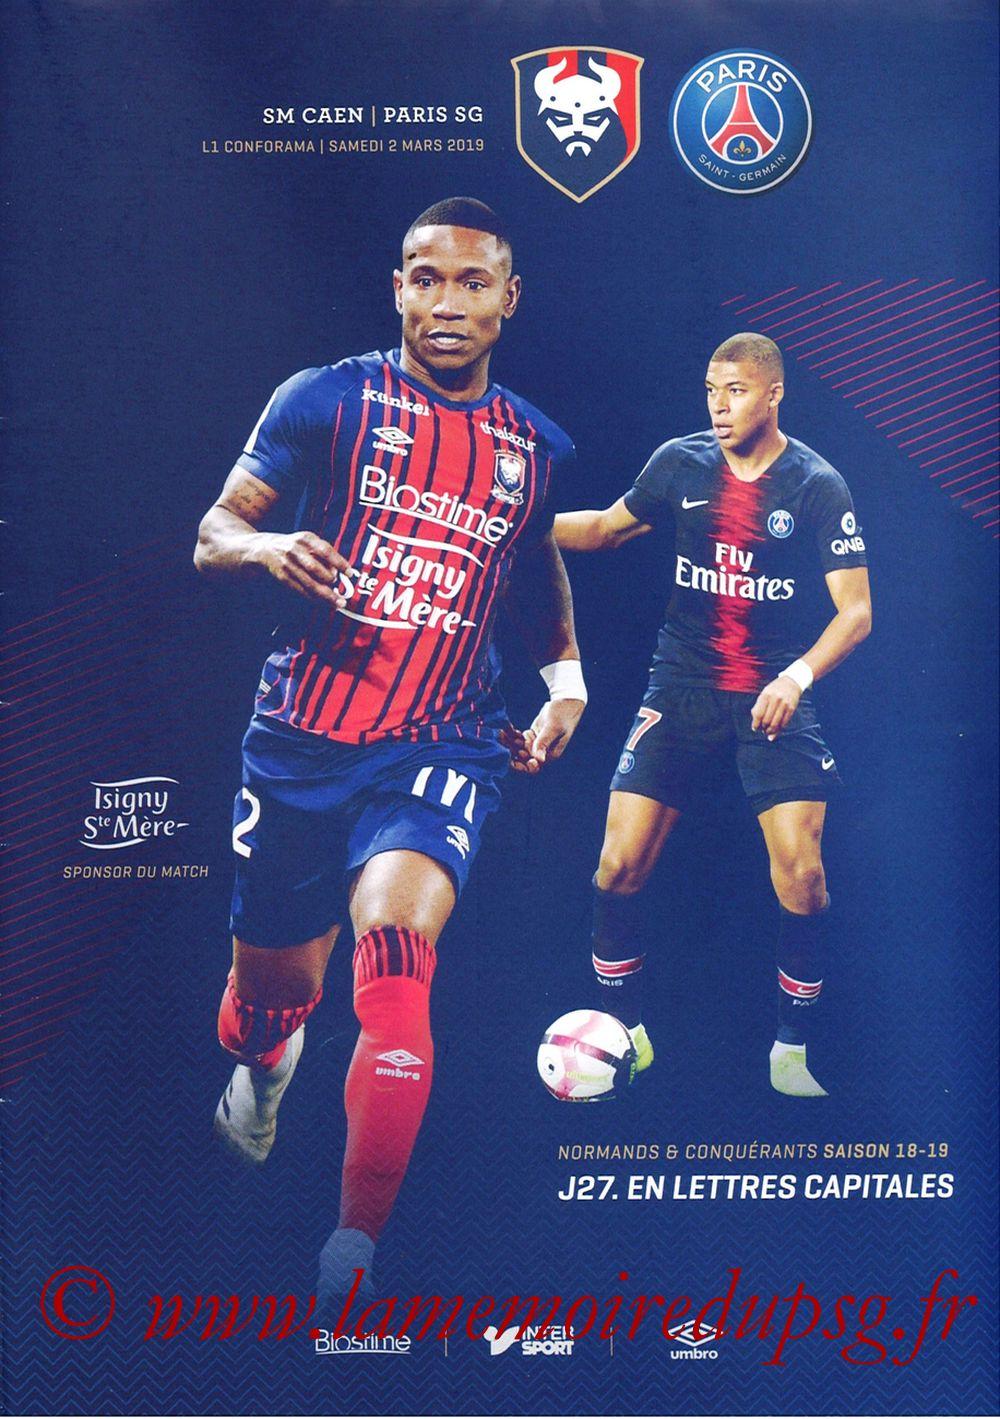 2019-03-02  Caen-PSG (27ème L1, Programme officiel)